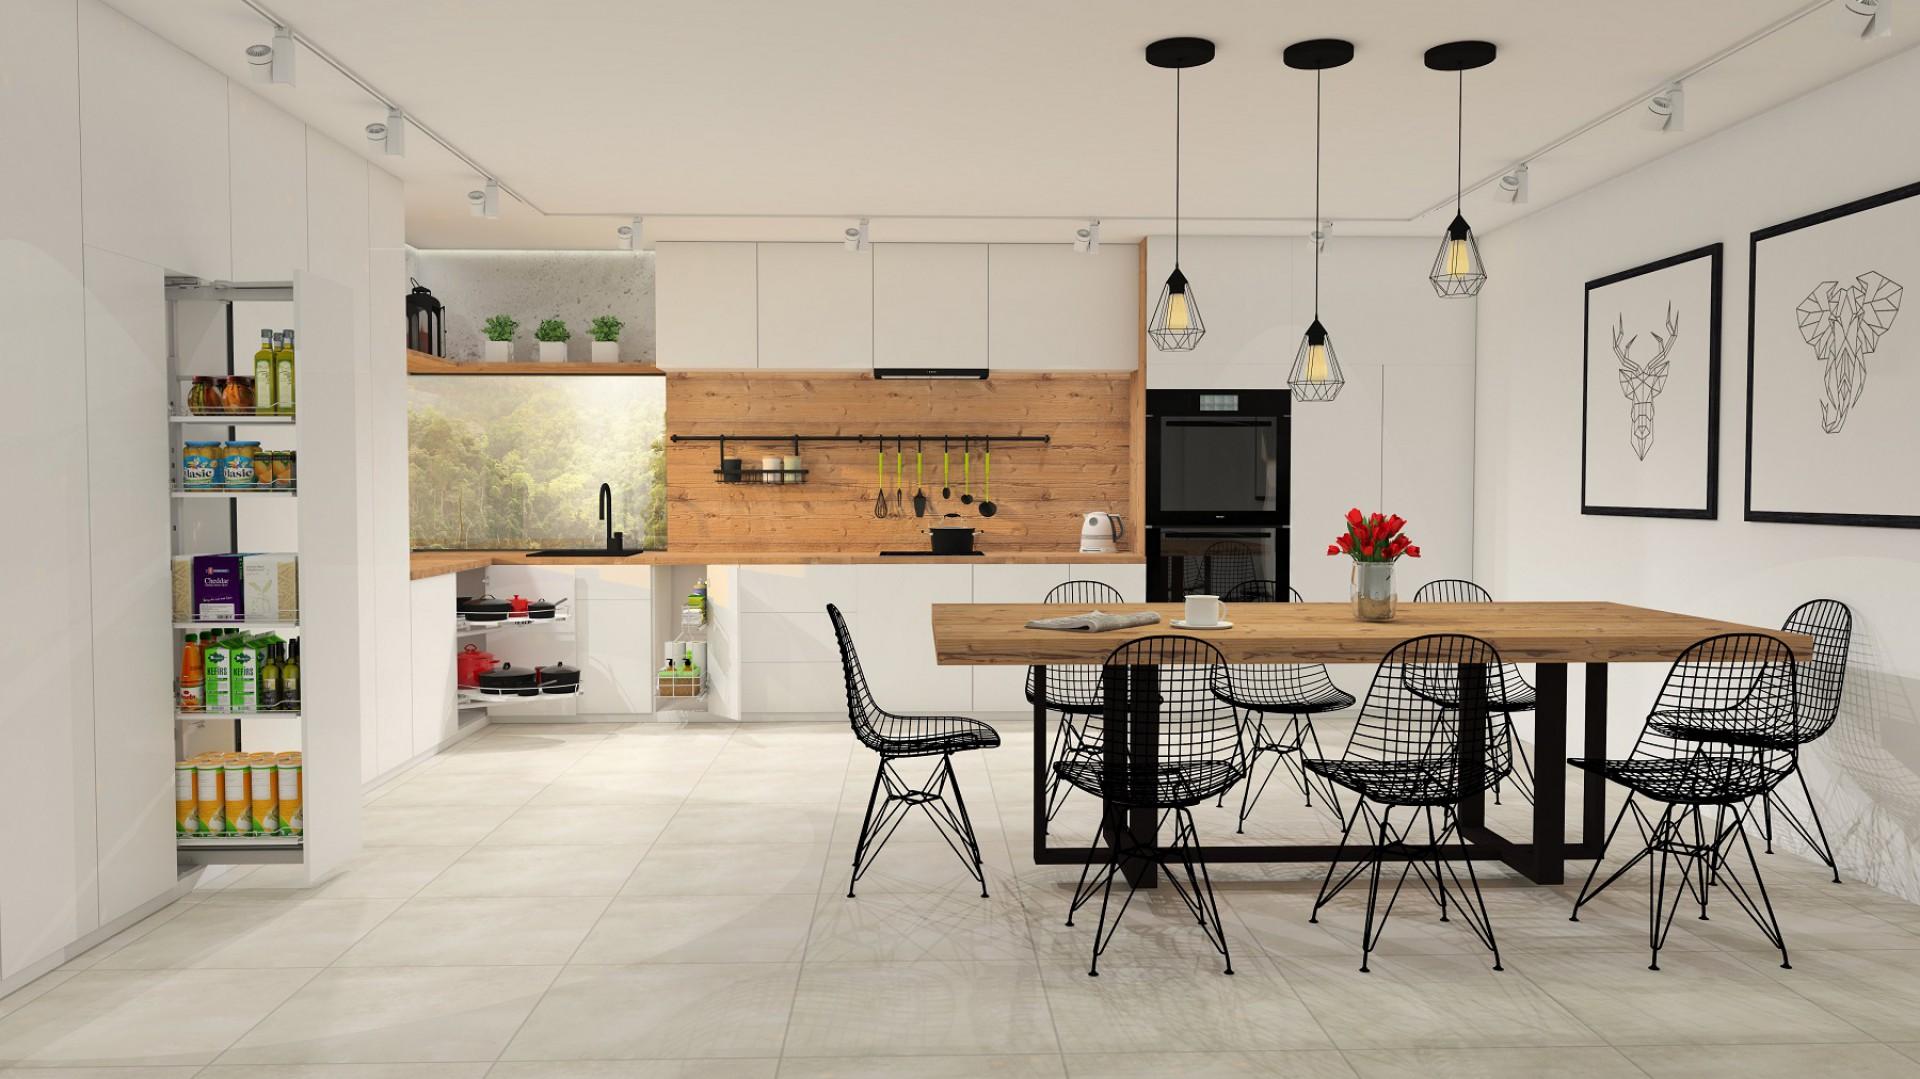 Szafki dolne - sposób na przechowywanie w kuchni